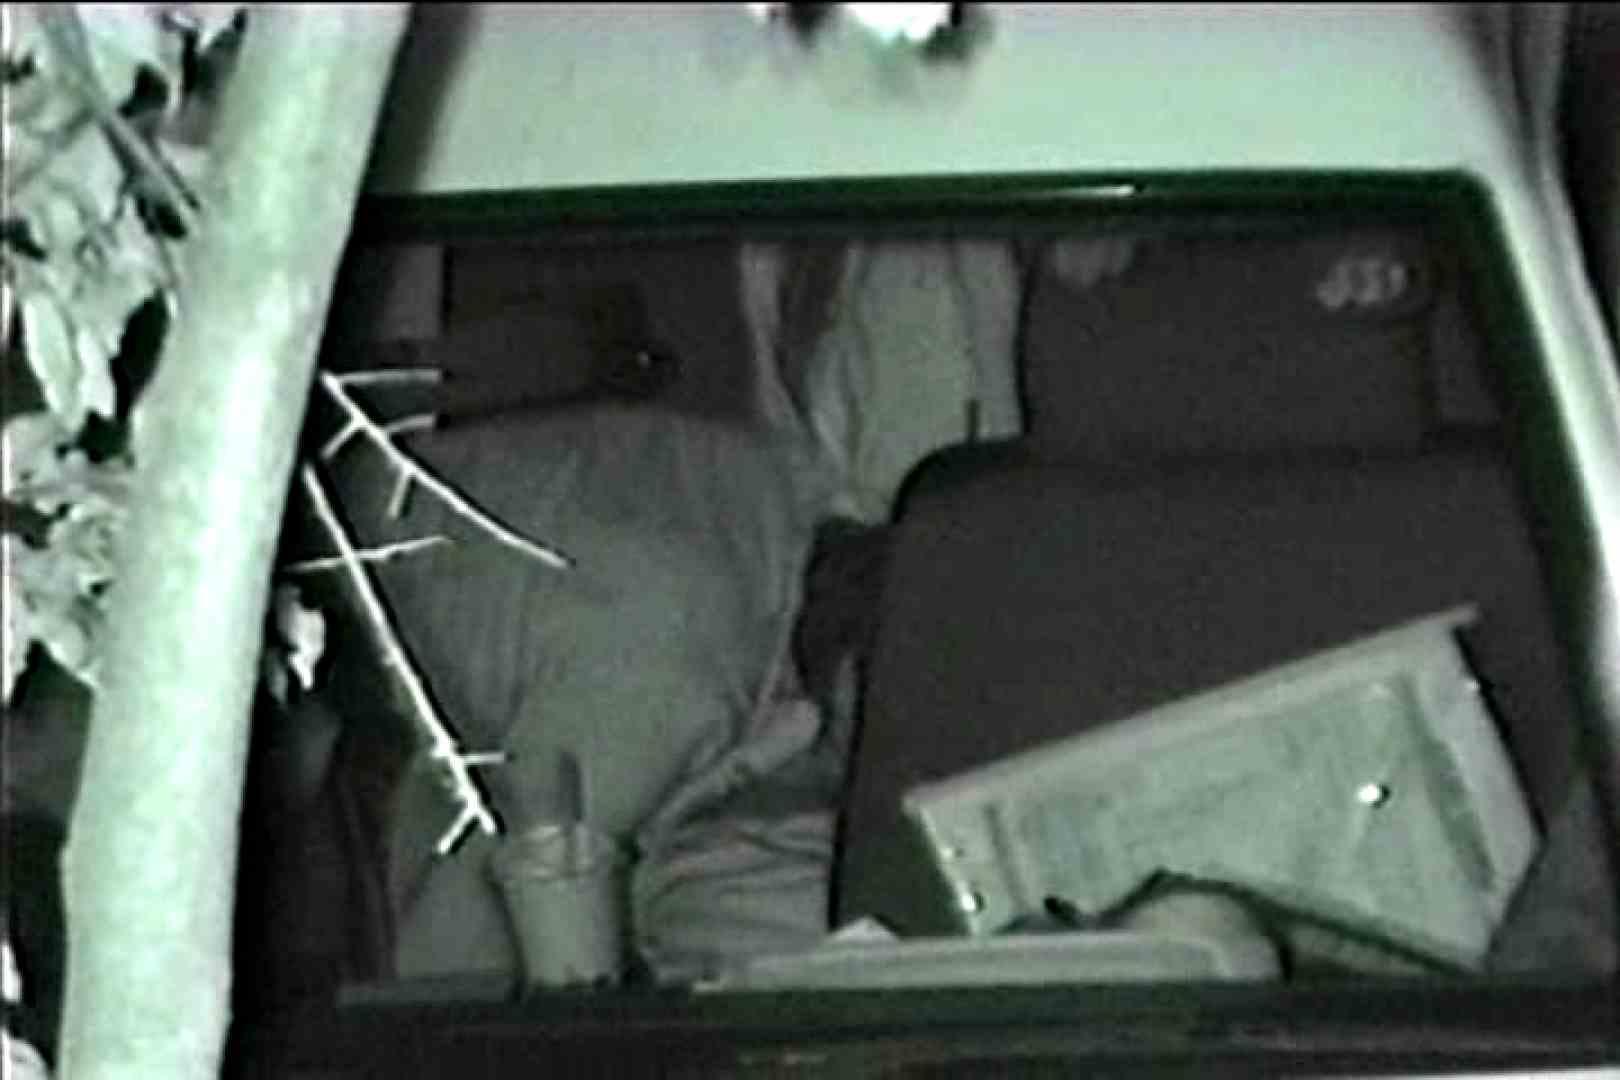 車の中はラブホテル 無修正版  Vol.7 ホテル隠し撮り セックス画像 84pic 13